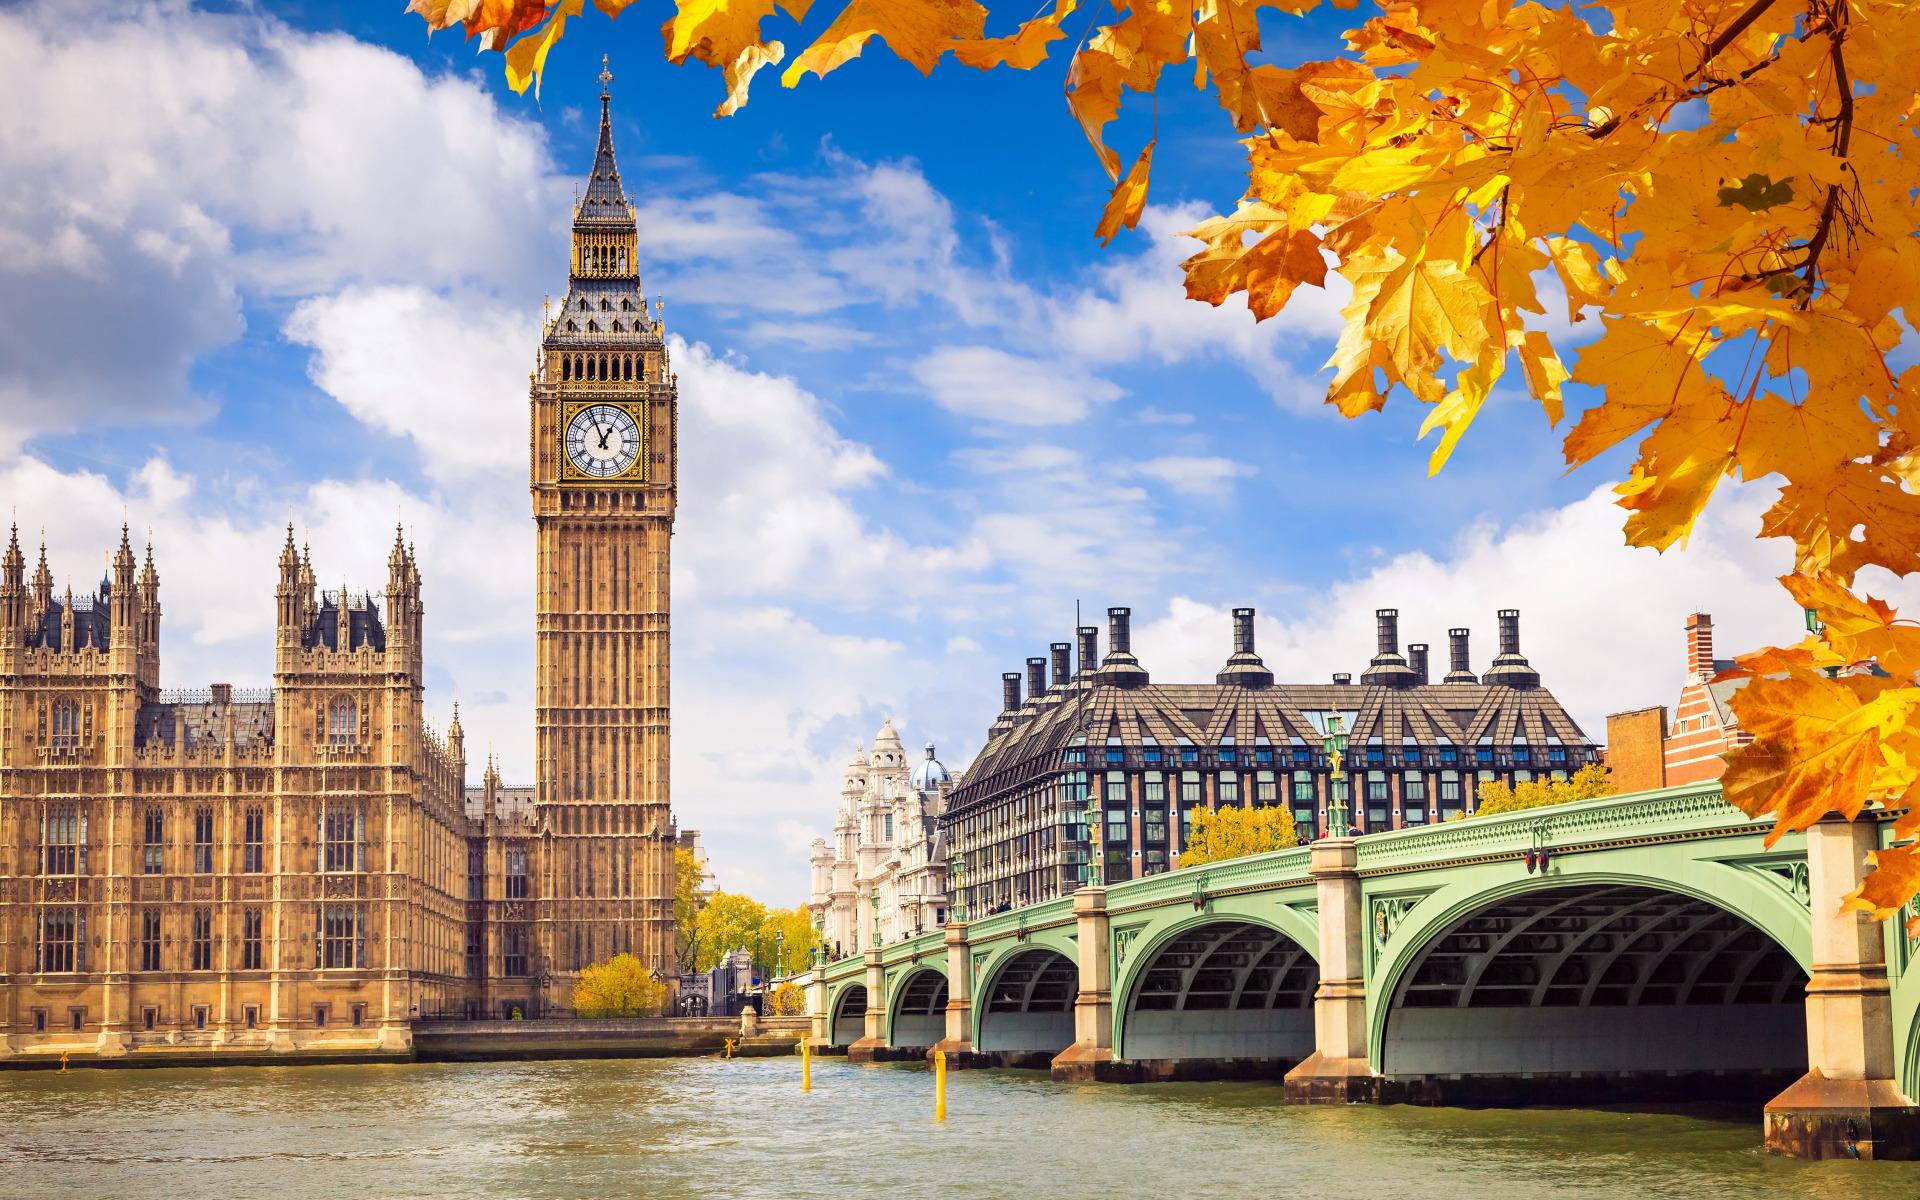 пейзаж лондона картинки преимущество